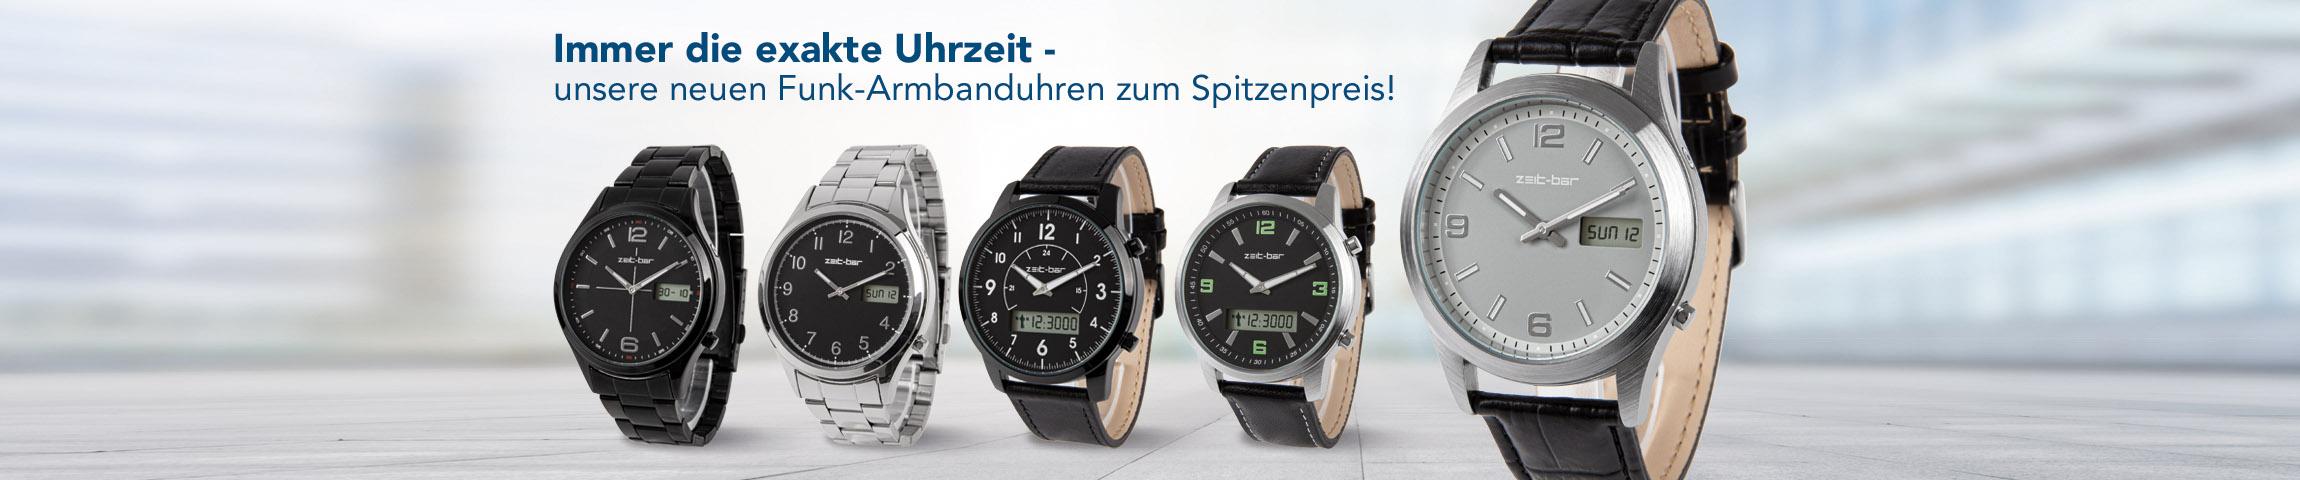 Funk-Armbanduhren